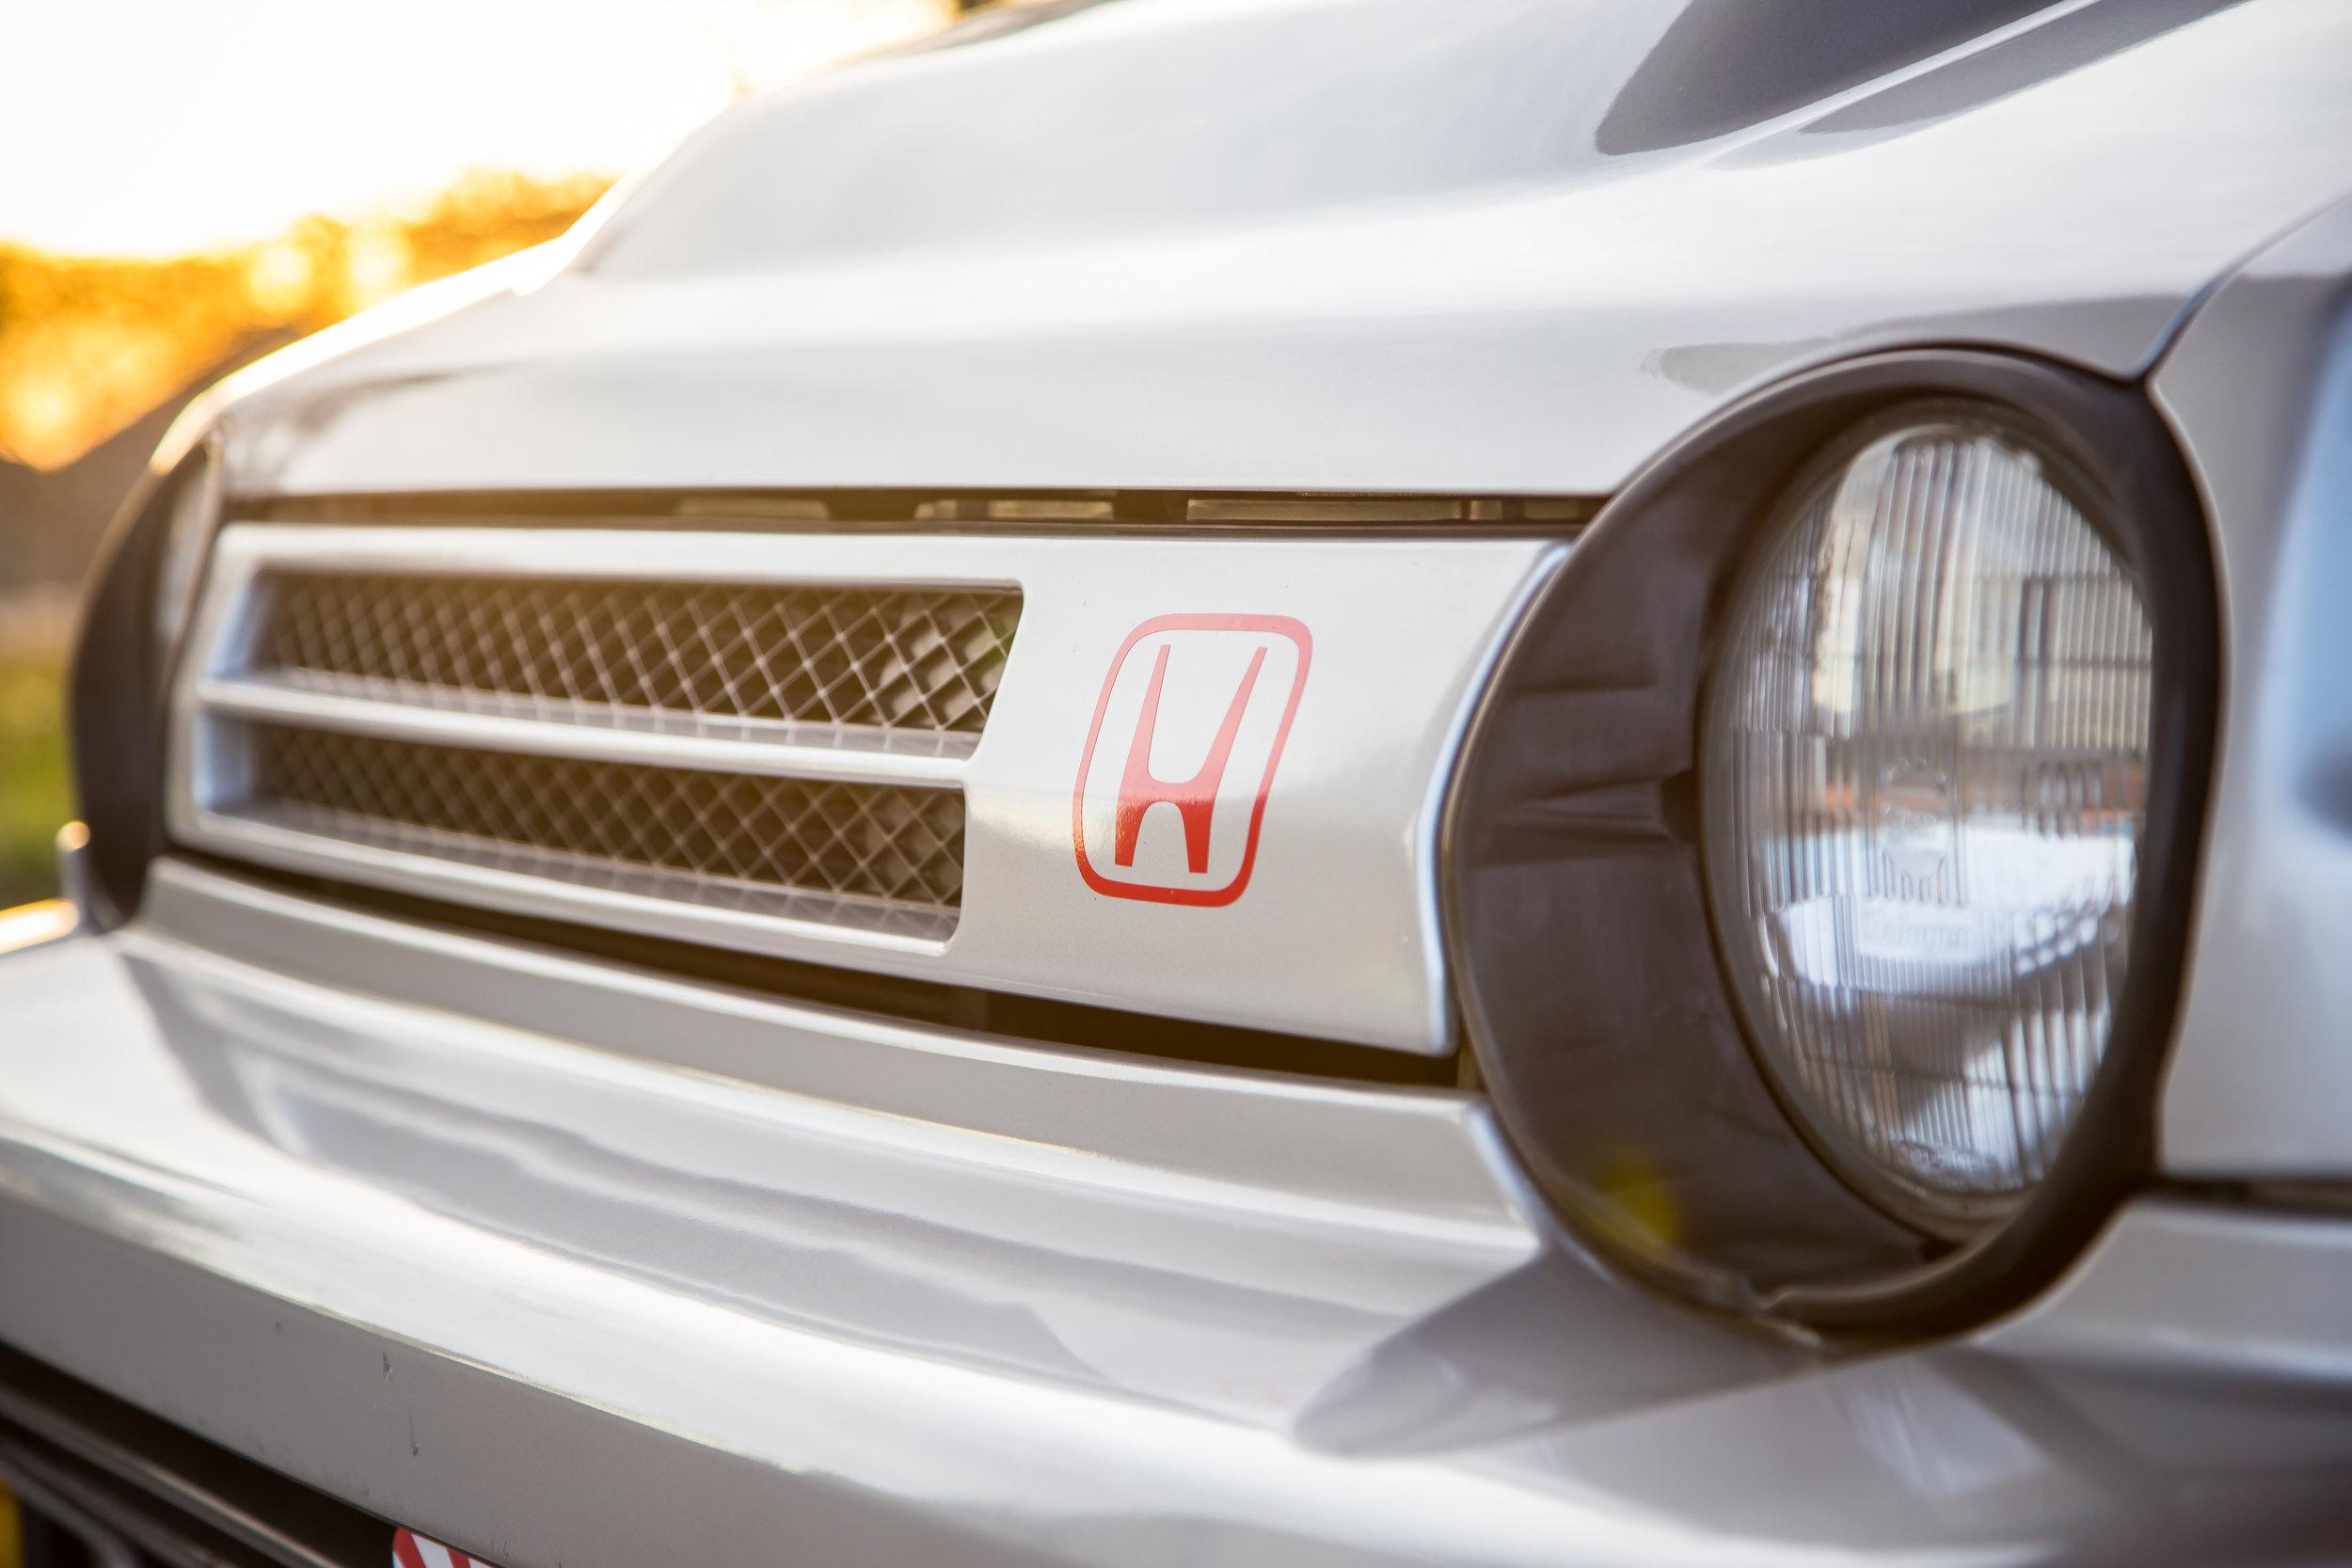 1983-honda-city-turbo-ii--motocompo_45471618605_o.jpg